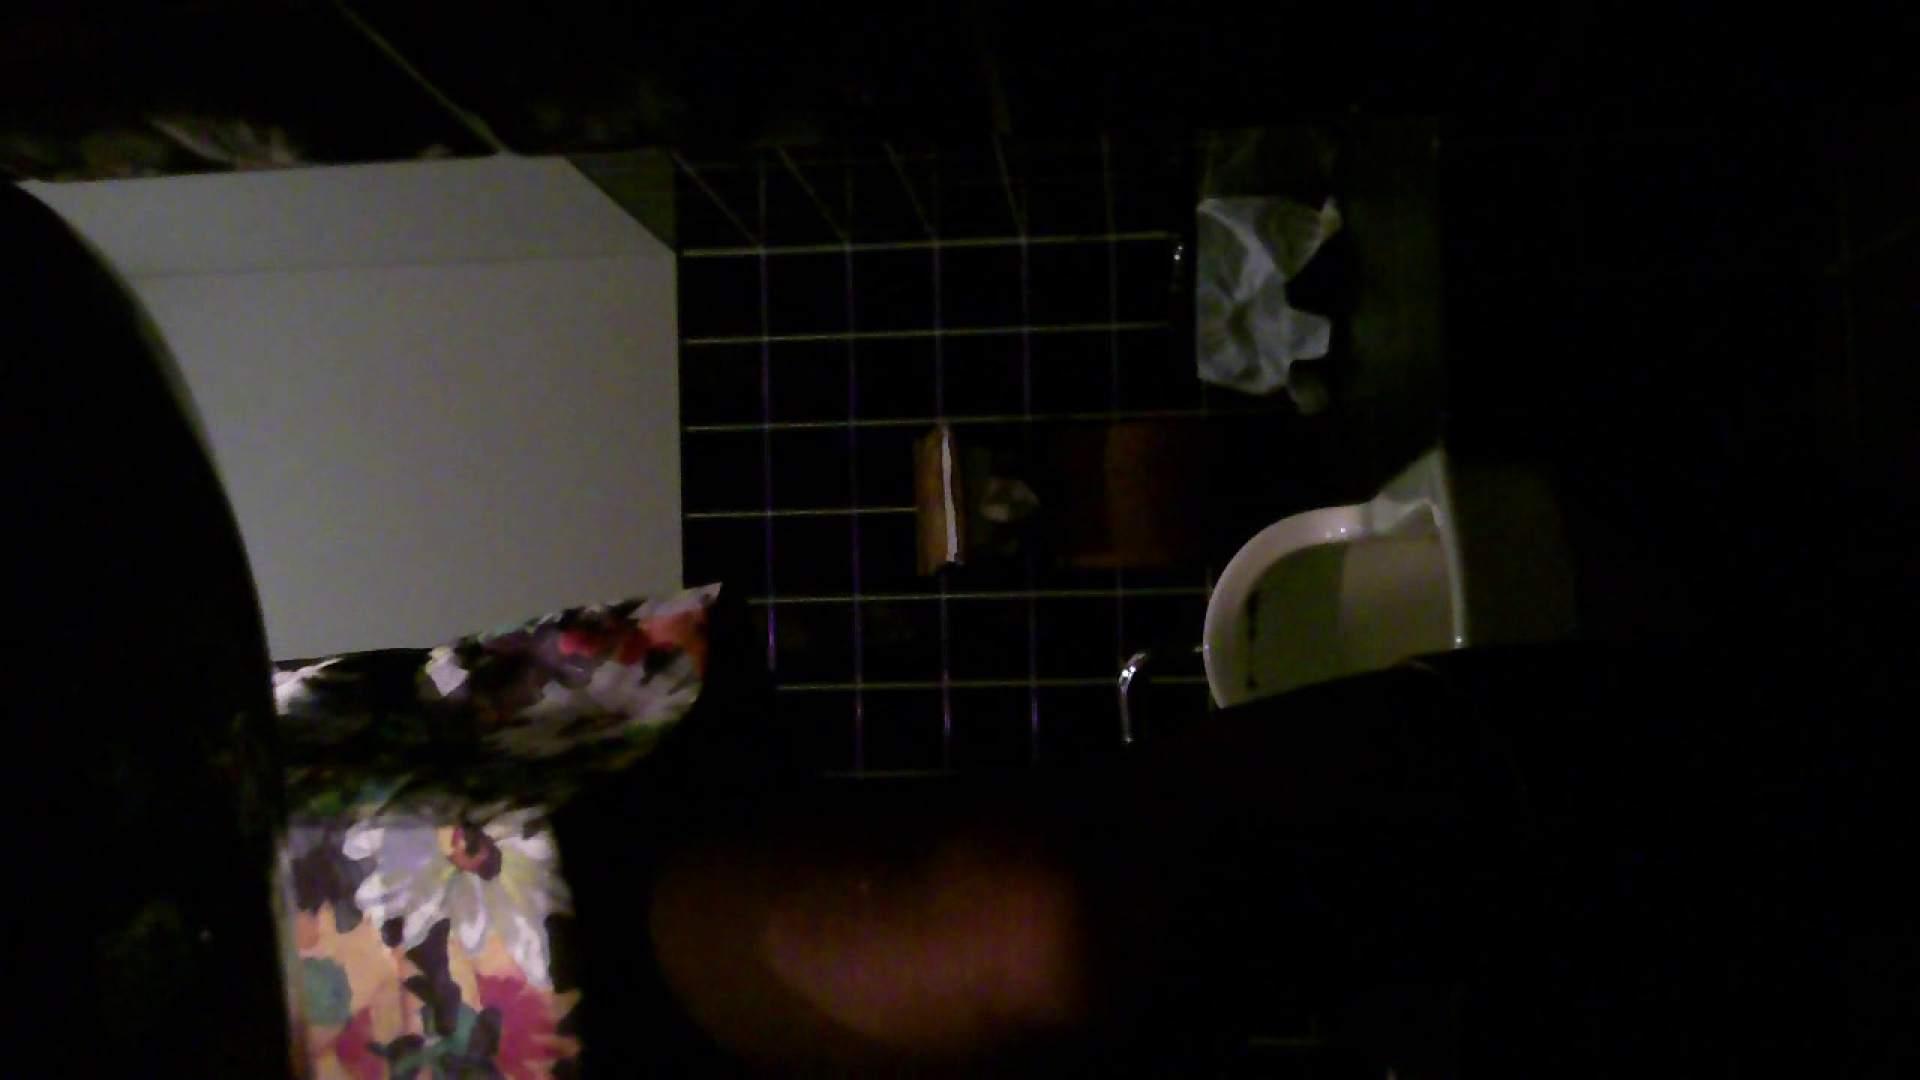 美女の集まる飲み屋洗面所 vol.04 美女 すけべAV動画紹介 109連発 107